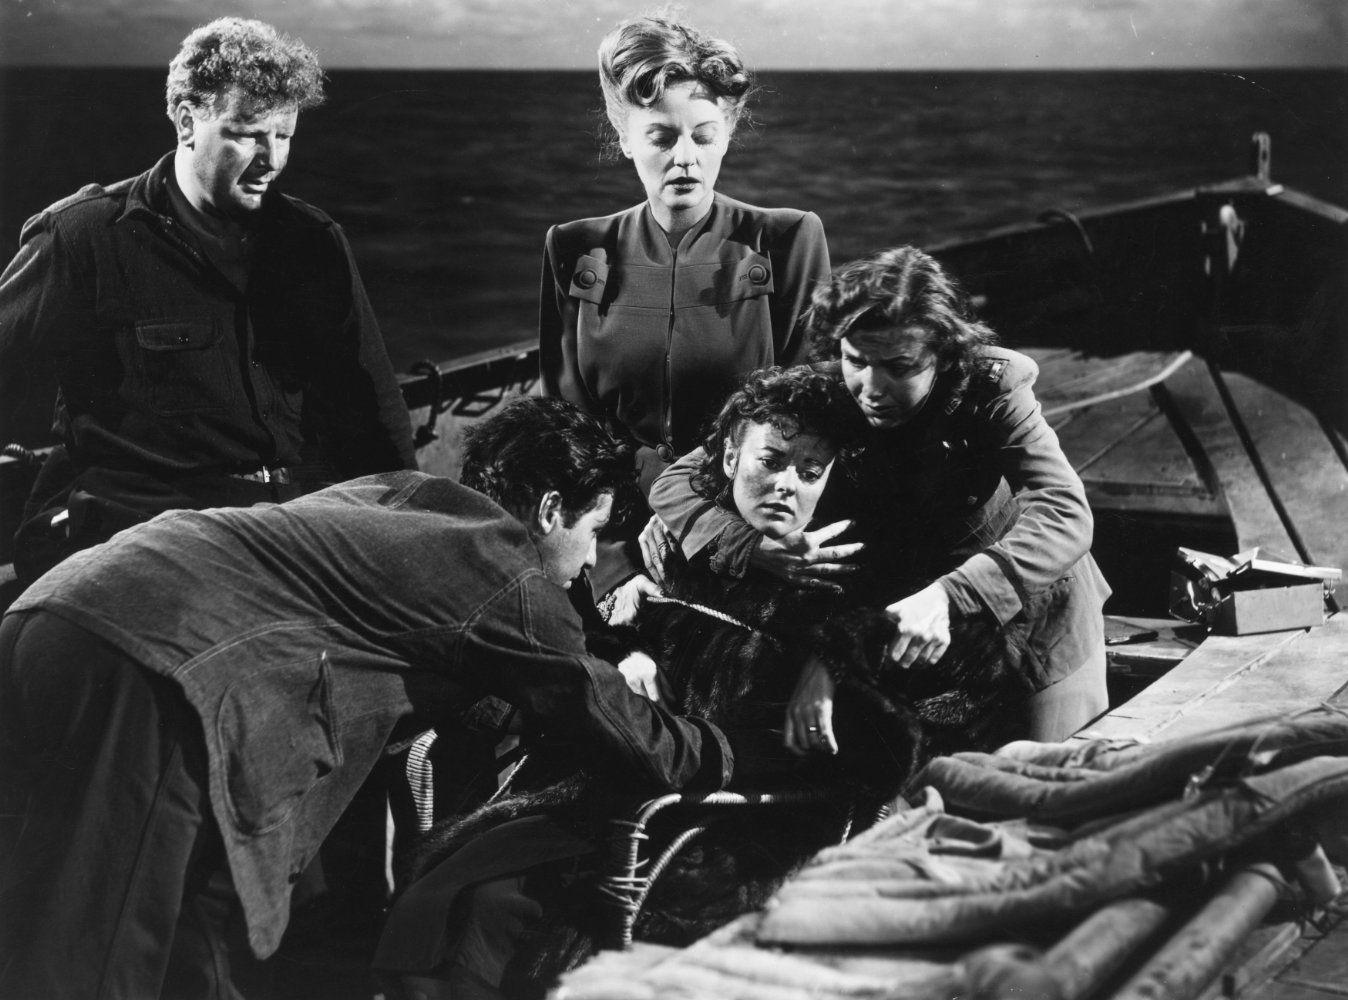 Lifeboat, Yönetmen: Alfred Hitchcock, 1944